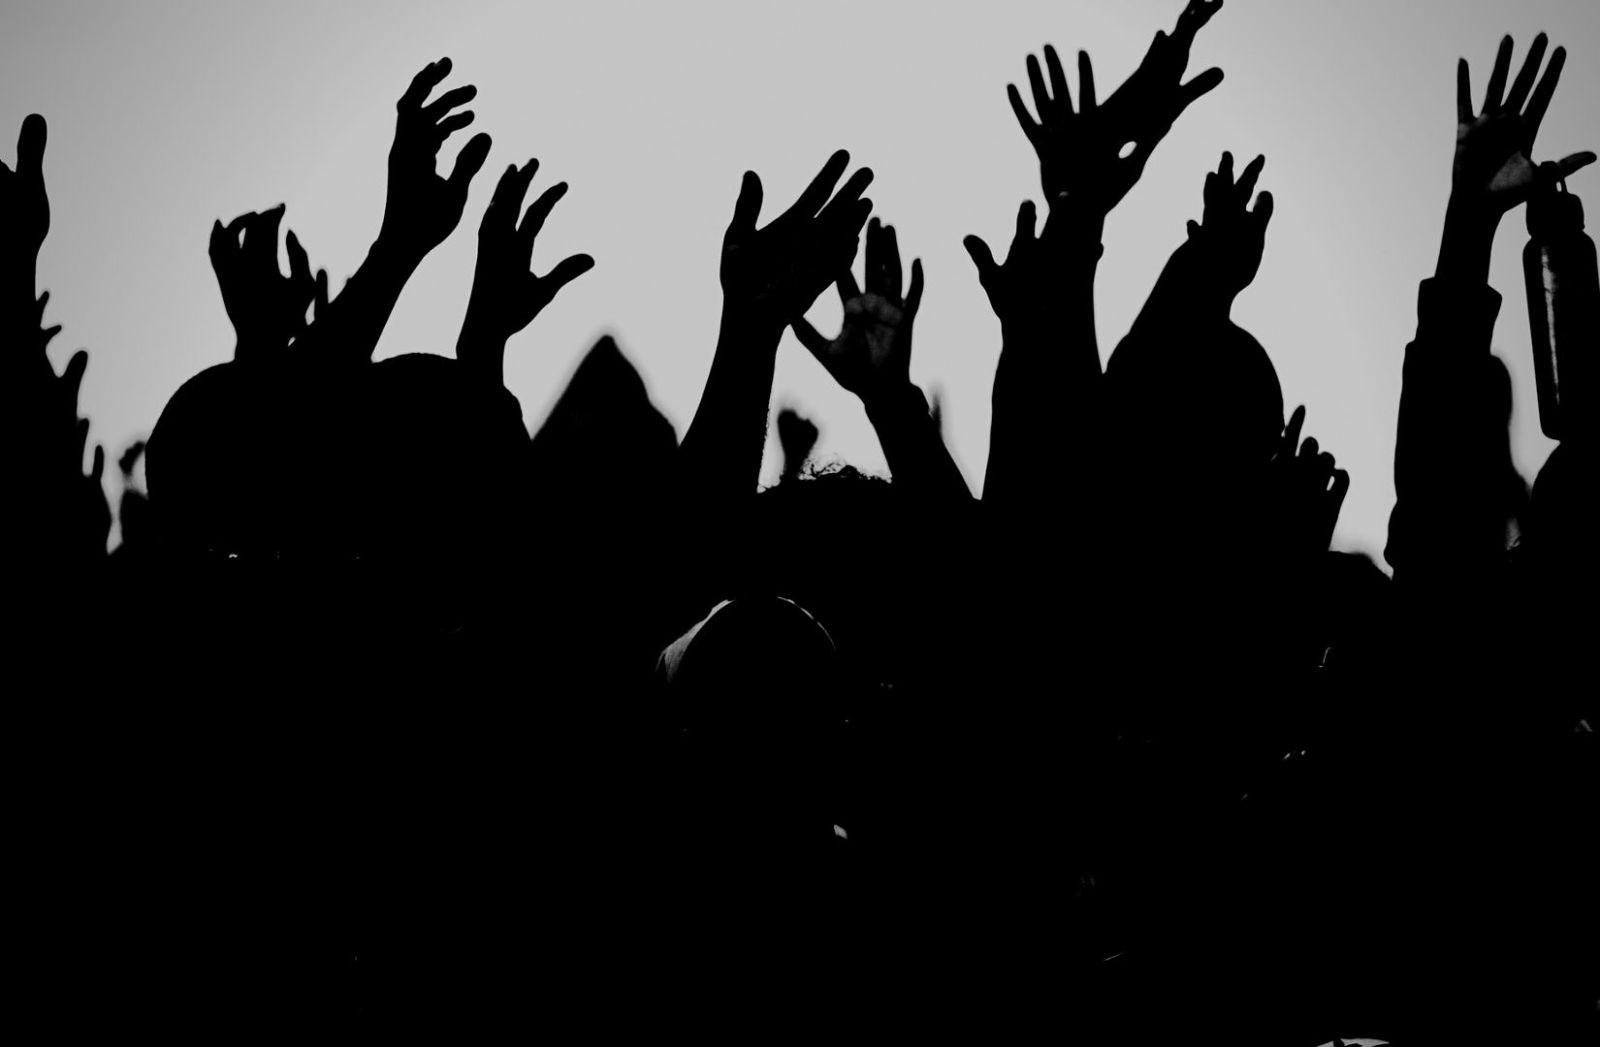 Hands Up gegen Tyrannen und Tyrannei. (Foto: Kelvin Moquete, Unsplash.com)